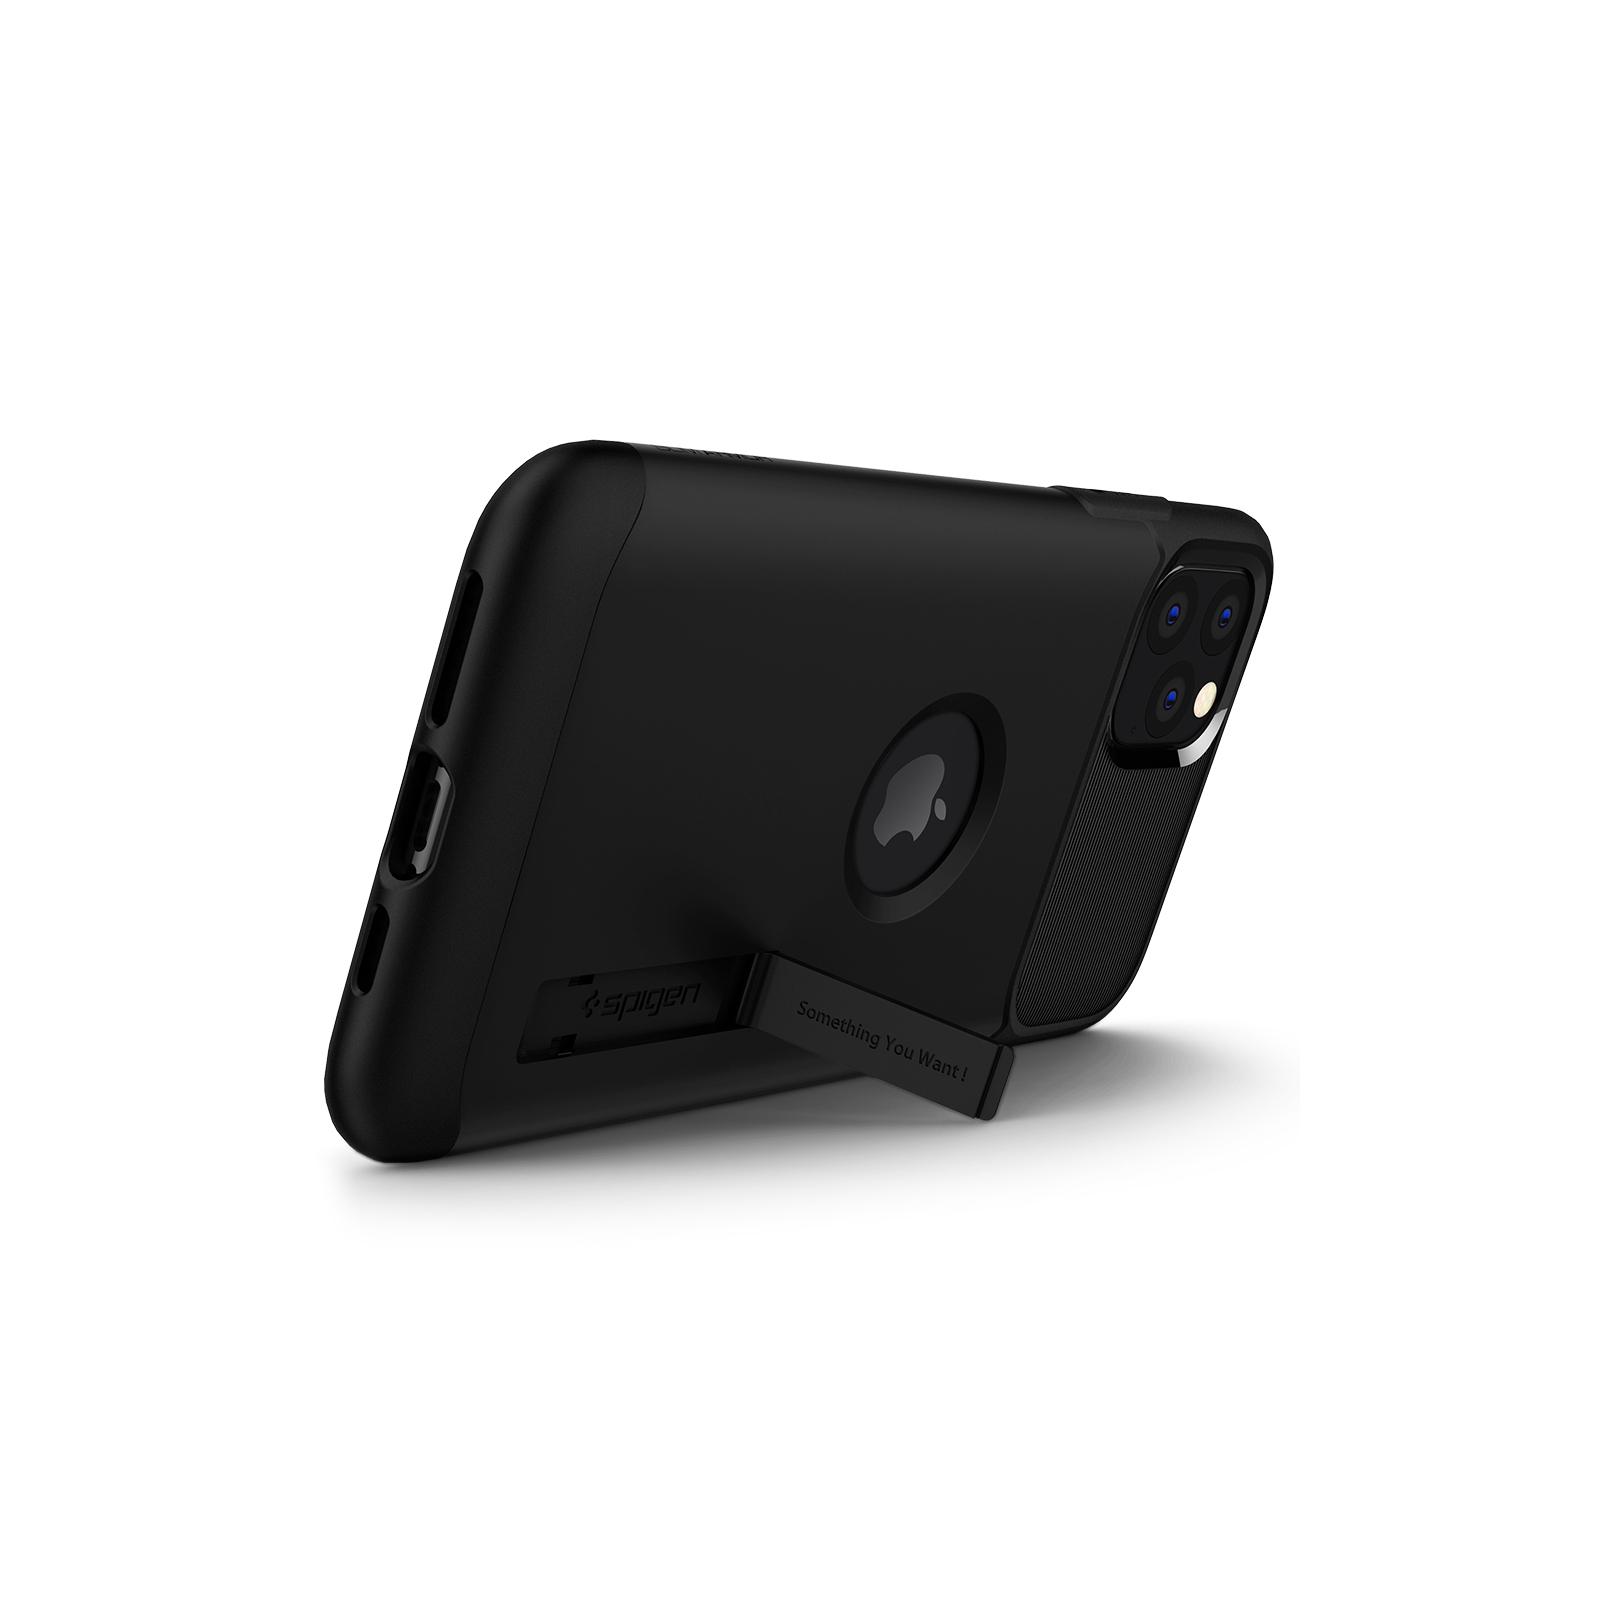 Чехол для моб. телефона Spigen iPhone 11 Pro Slim Armor, Black (077CS27099) изображение 6